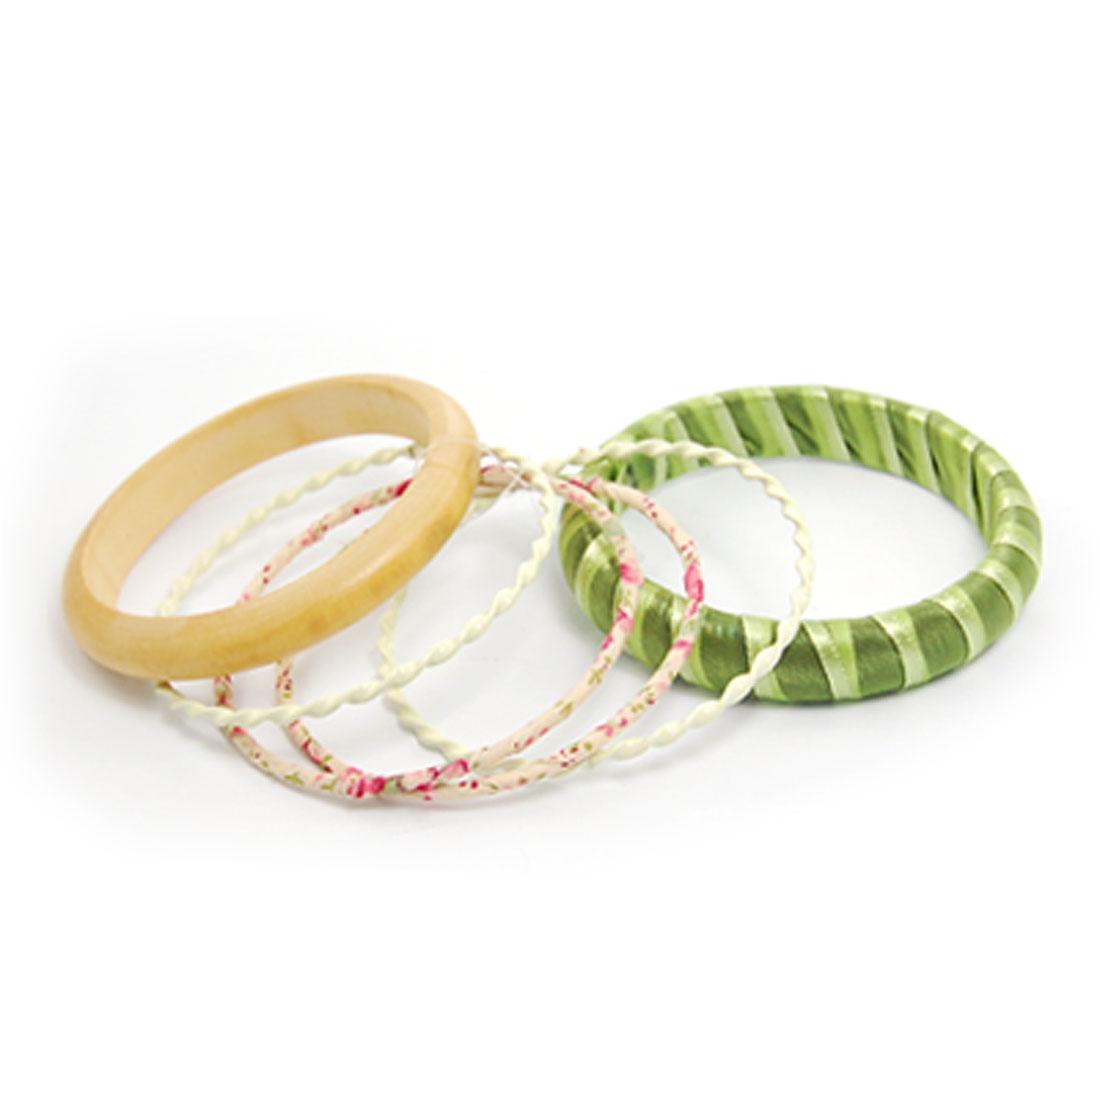 6 Pcs Green Stripe Detail Twist Metal Wooden Hoop Bracelet for Lady